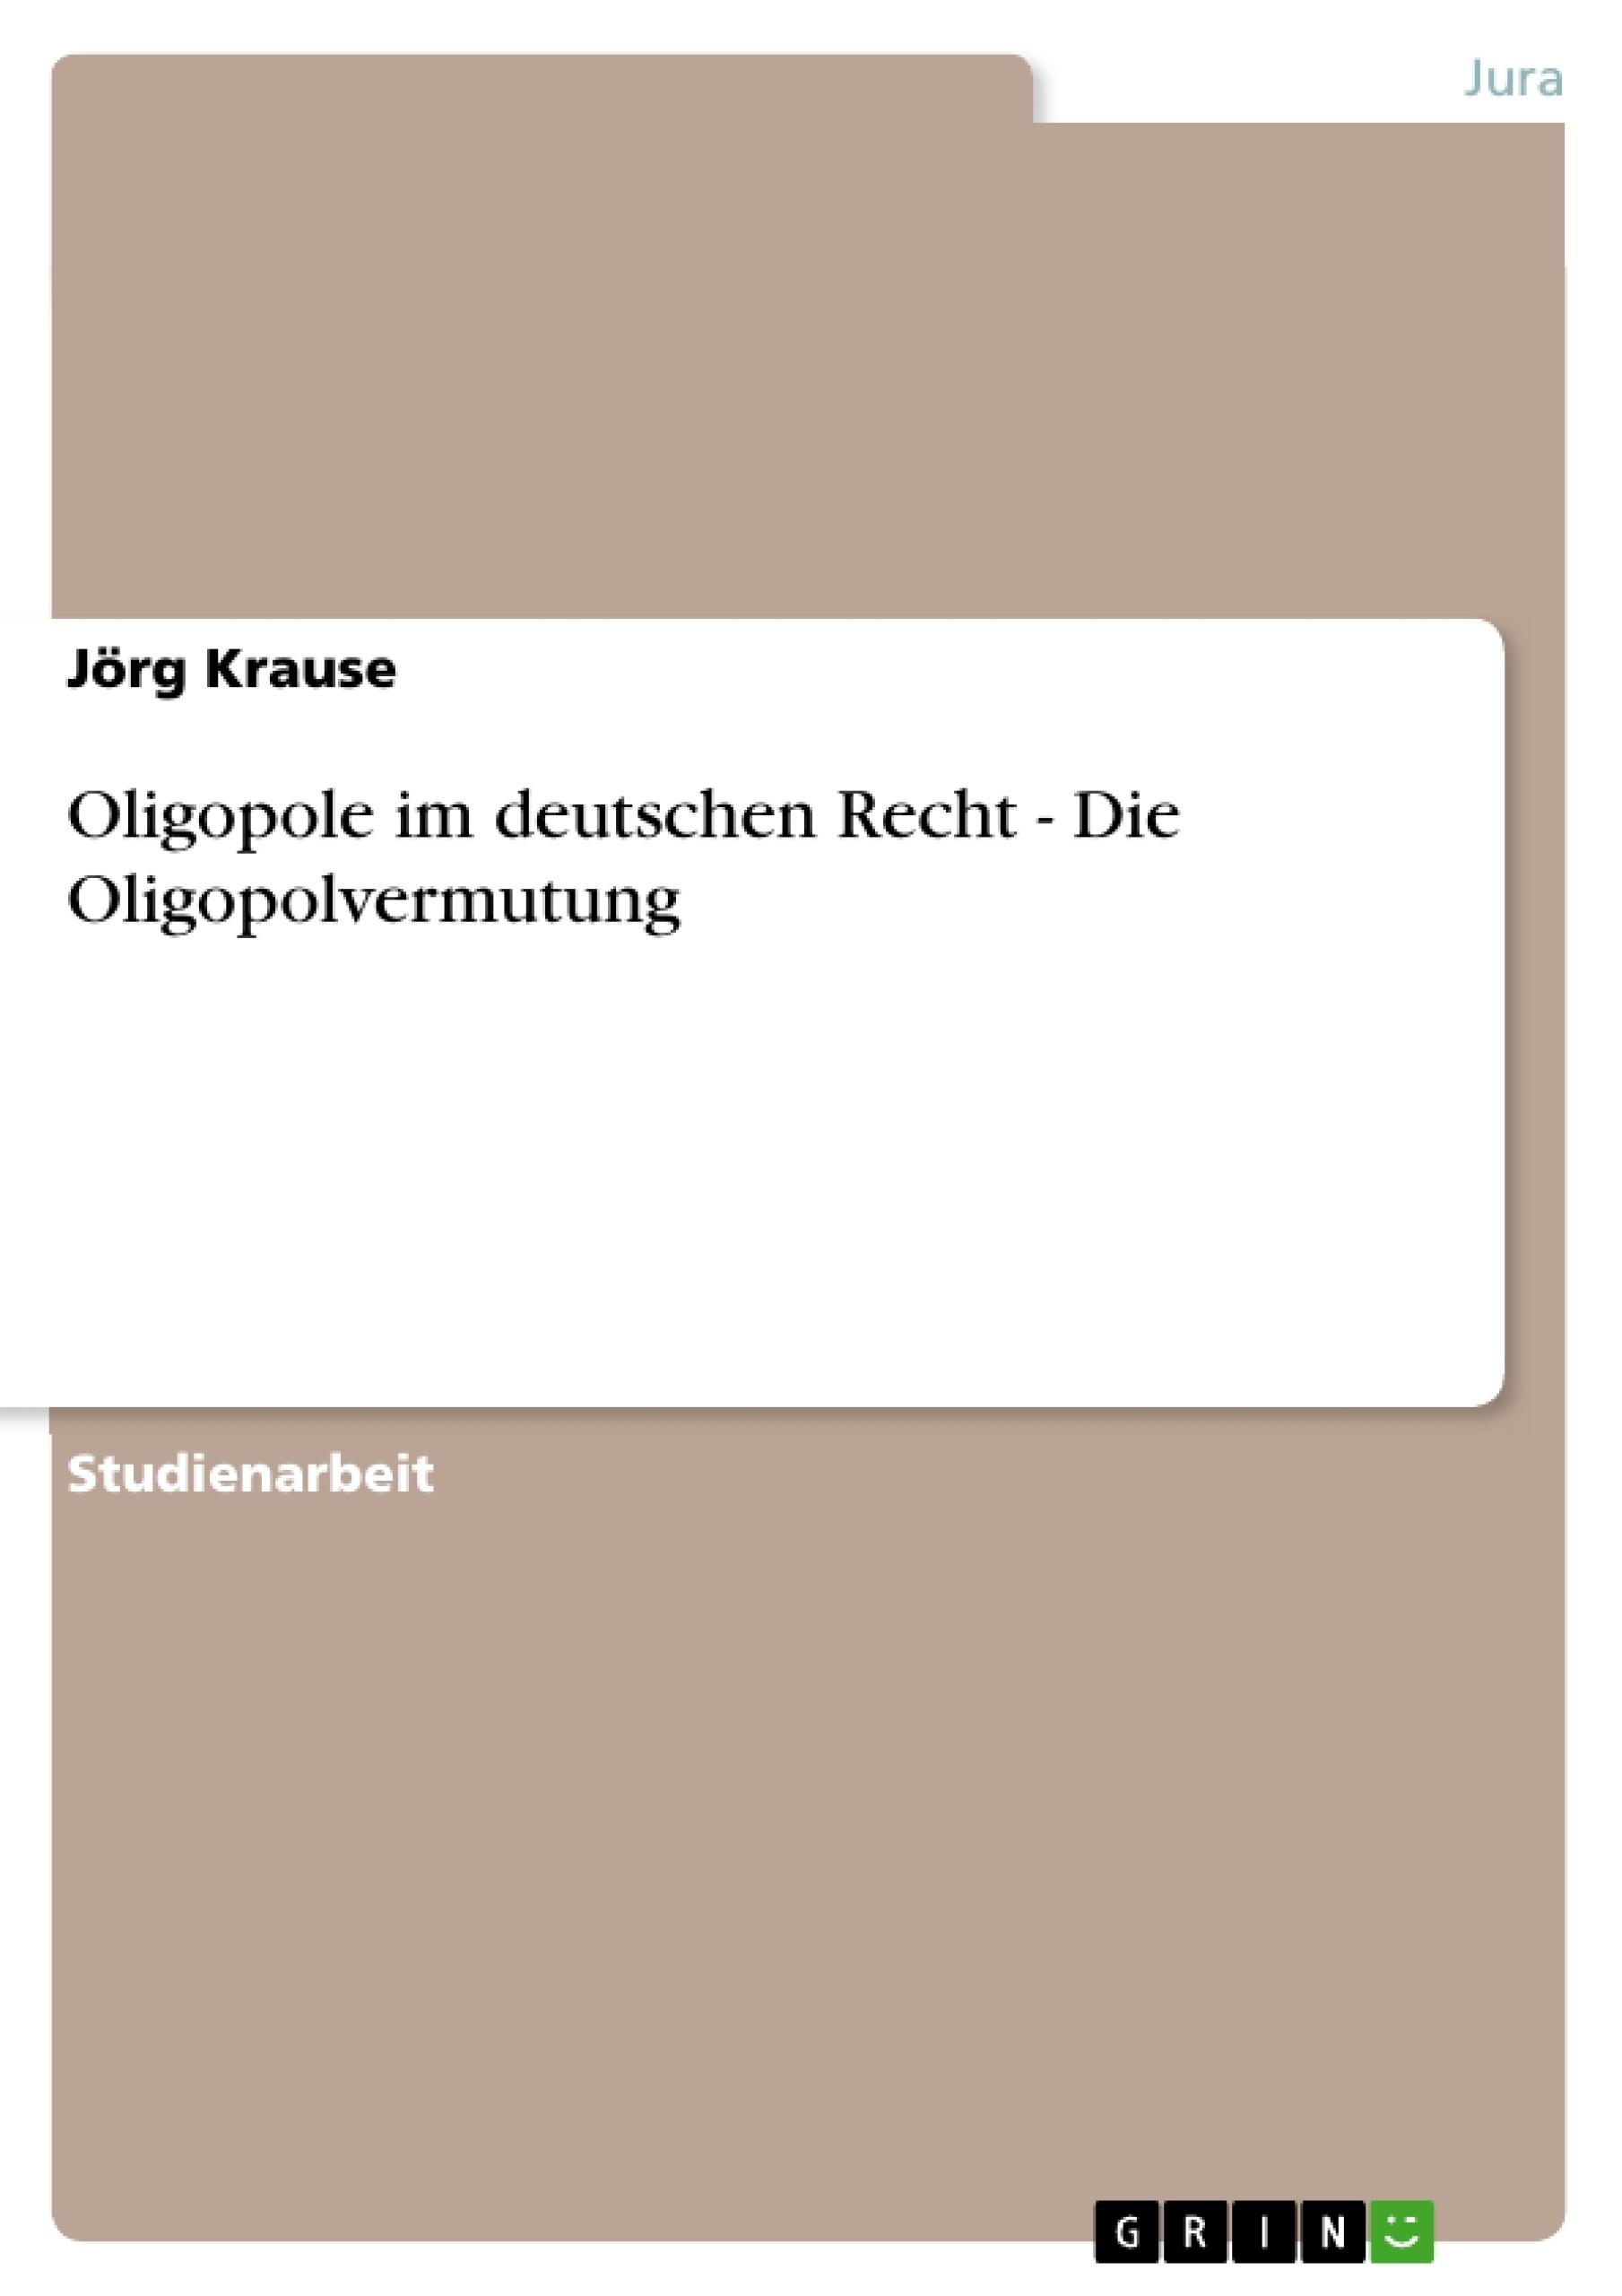 Titel: Oligopole im deutschen Recht - Die Oligopolvermutung